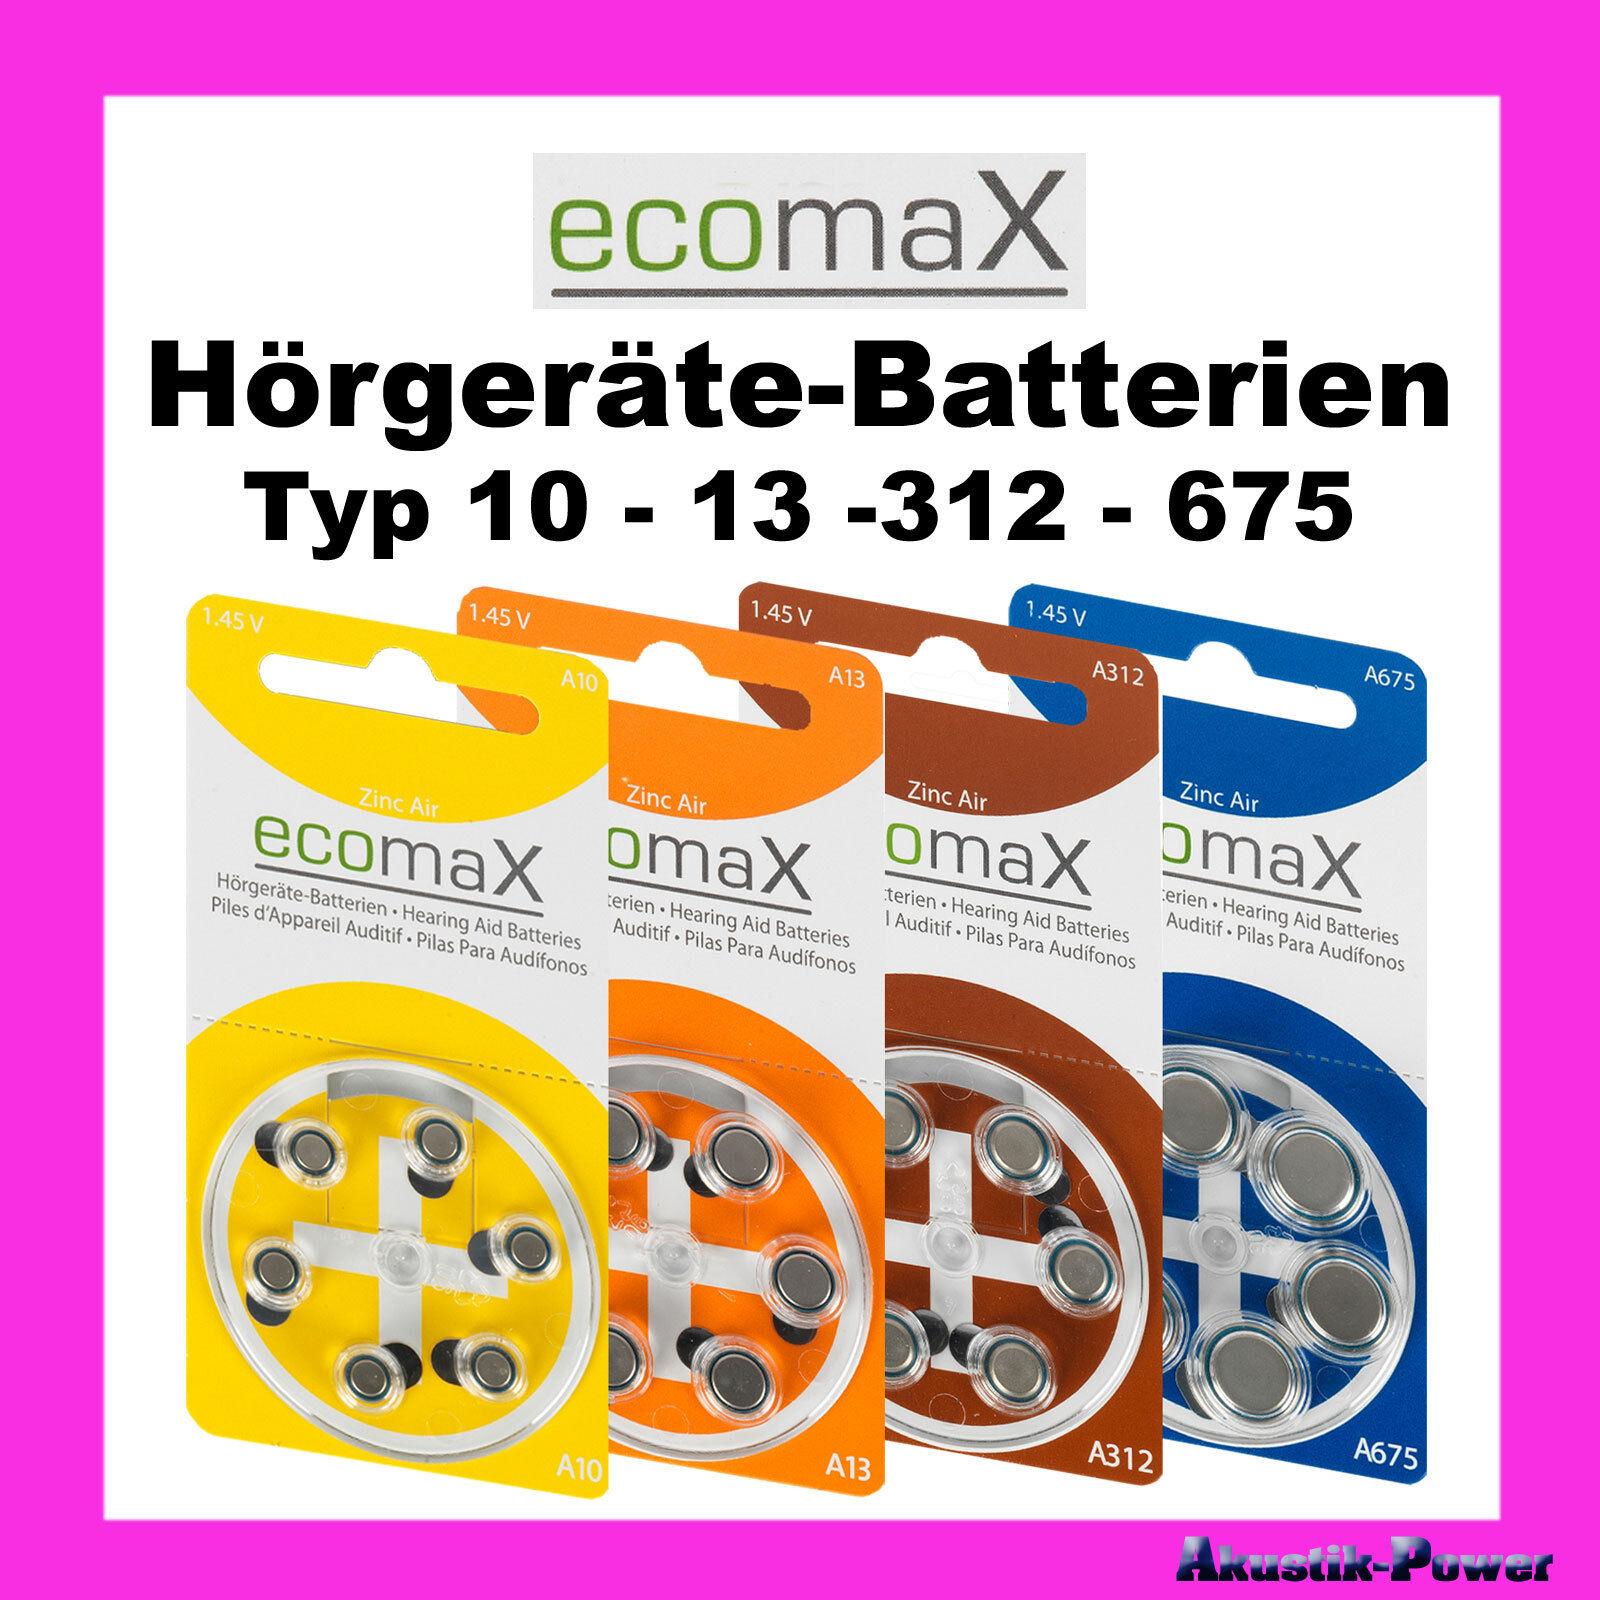 Ecomax Hörgeräte Batterien Typ 10 - 13 - 312 - 675 Auswahlsortiment | Queensland